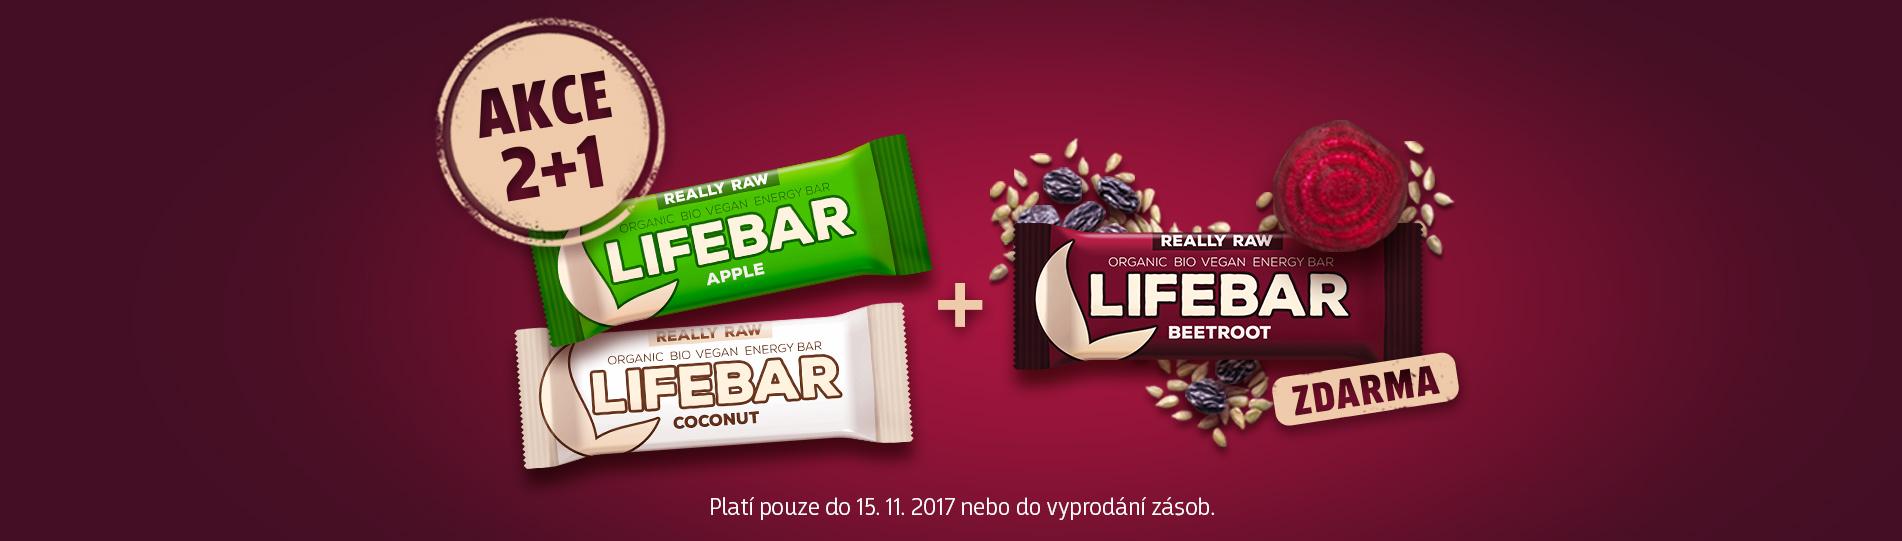 Akce 2+1 Lifebar ZDARMA